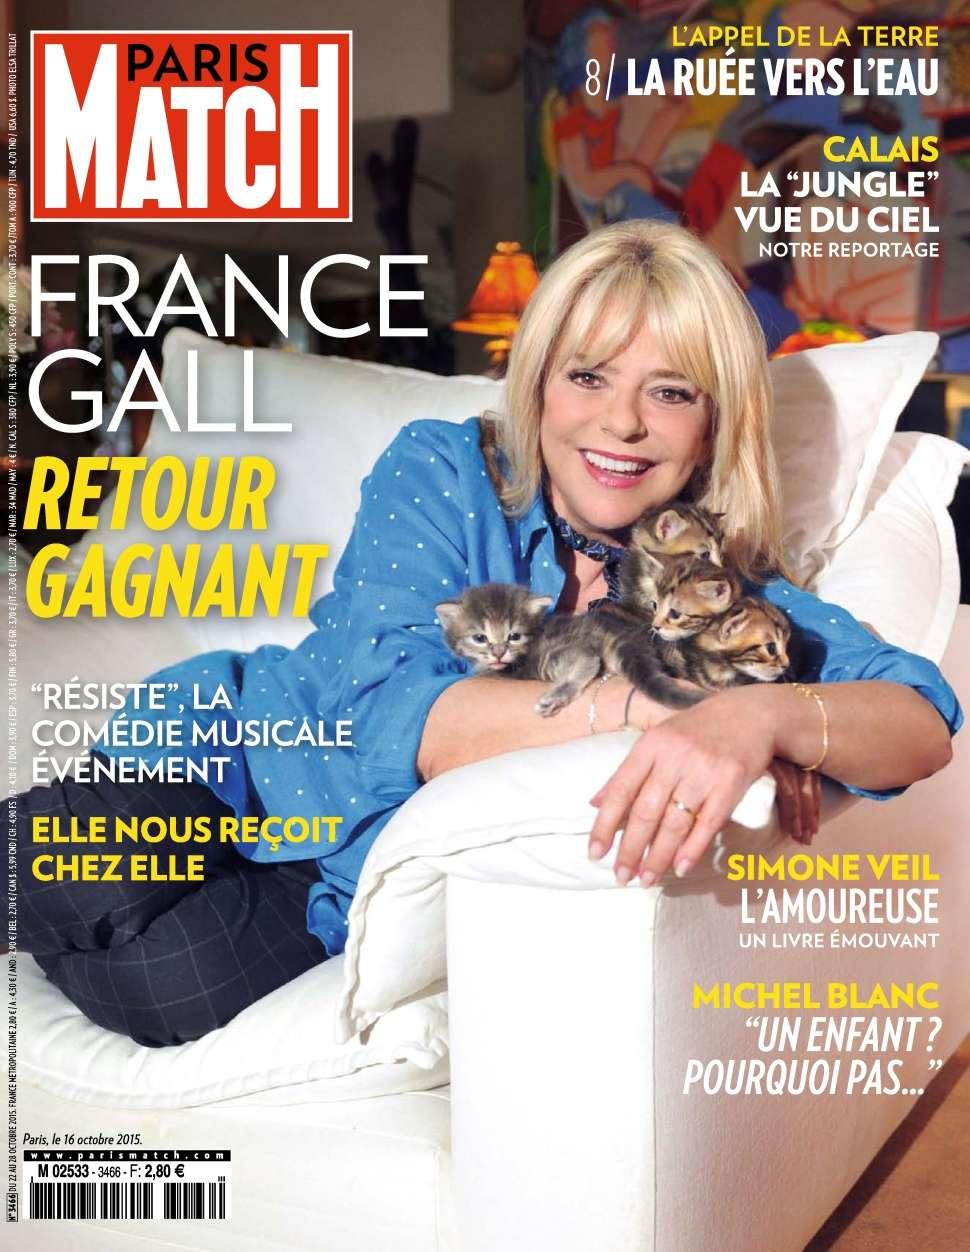 Paris Match 3466 - 22 au 28 Octobre 2015